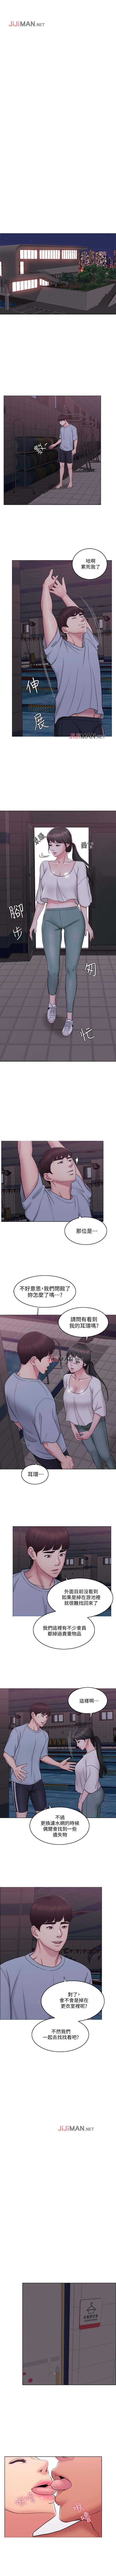 【周一连载】湿身游泳课(作者:0510&TB Production) 第1~17话 5